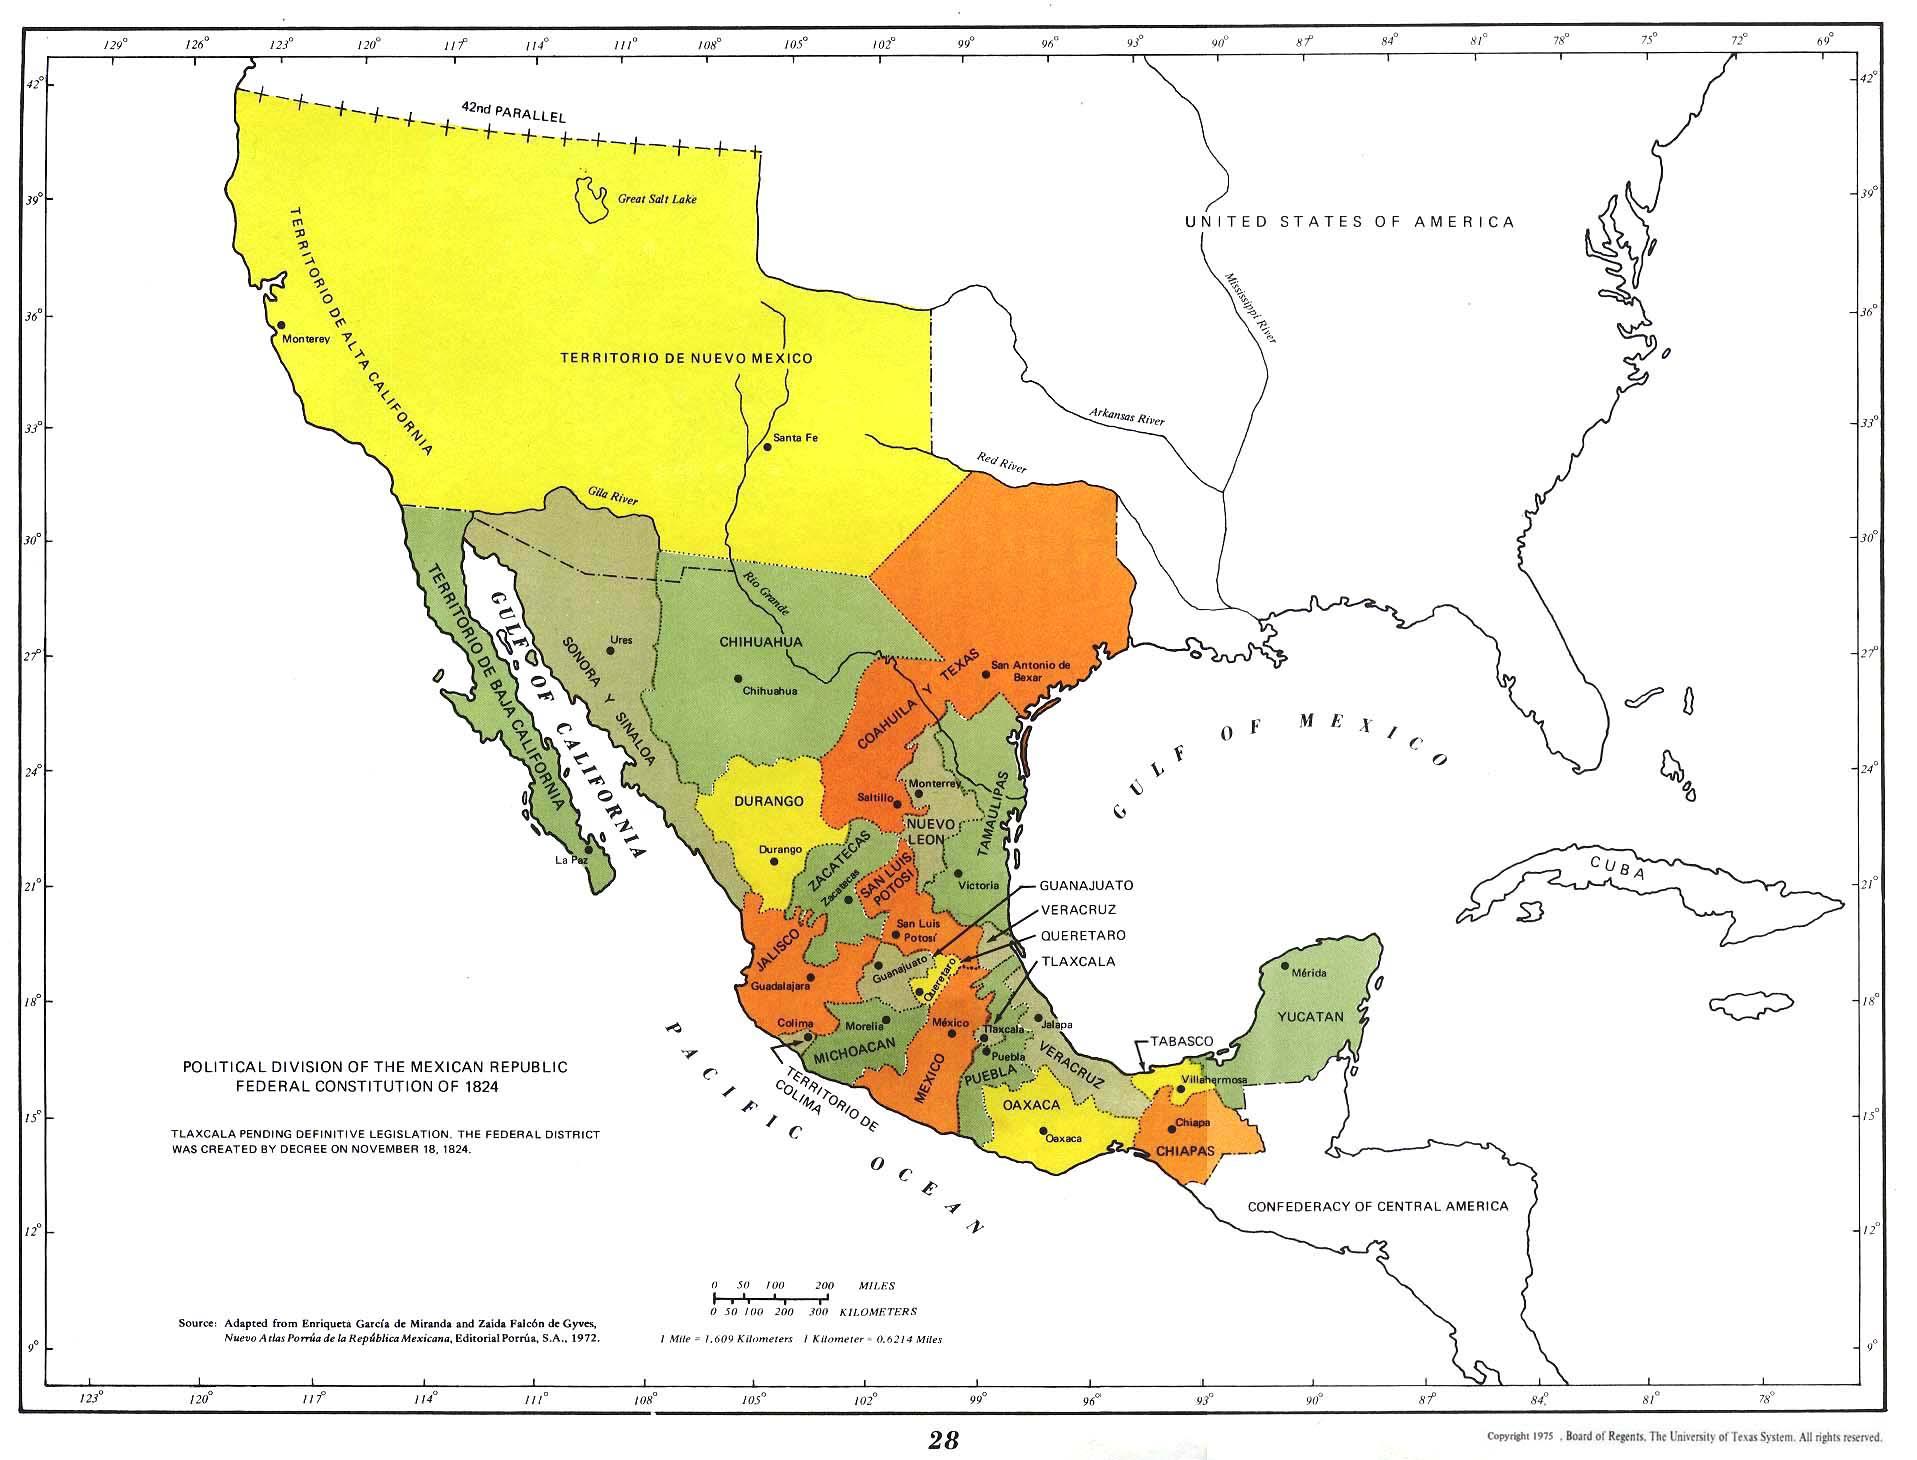 Mapa de las Divisiones Política de la República Mexicana Segun Constitución Federal de 1824, México